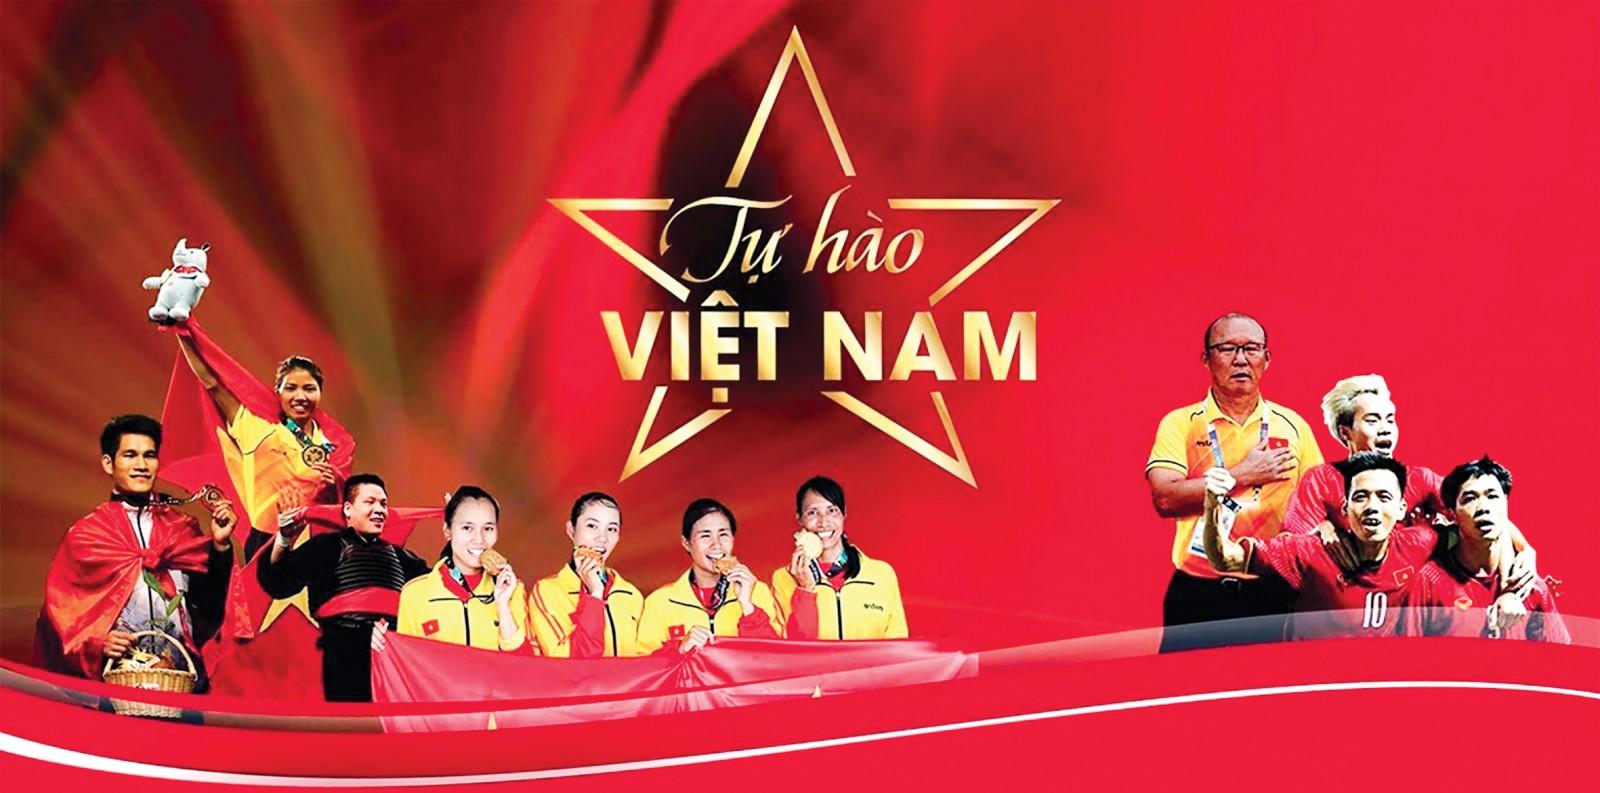 Những VĐV đoạt HCV tại Asiad và những gương mặt tiêu biểu đội Olympic Việt Nam (phải). Ảnh: VOV